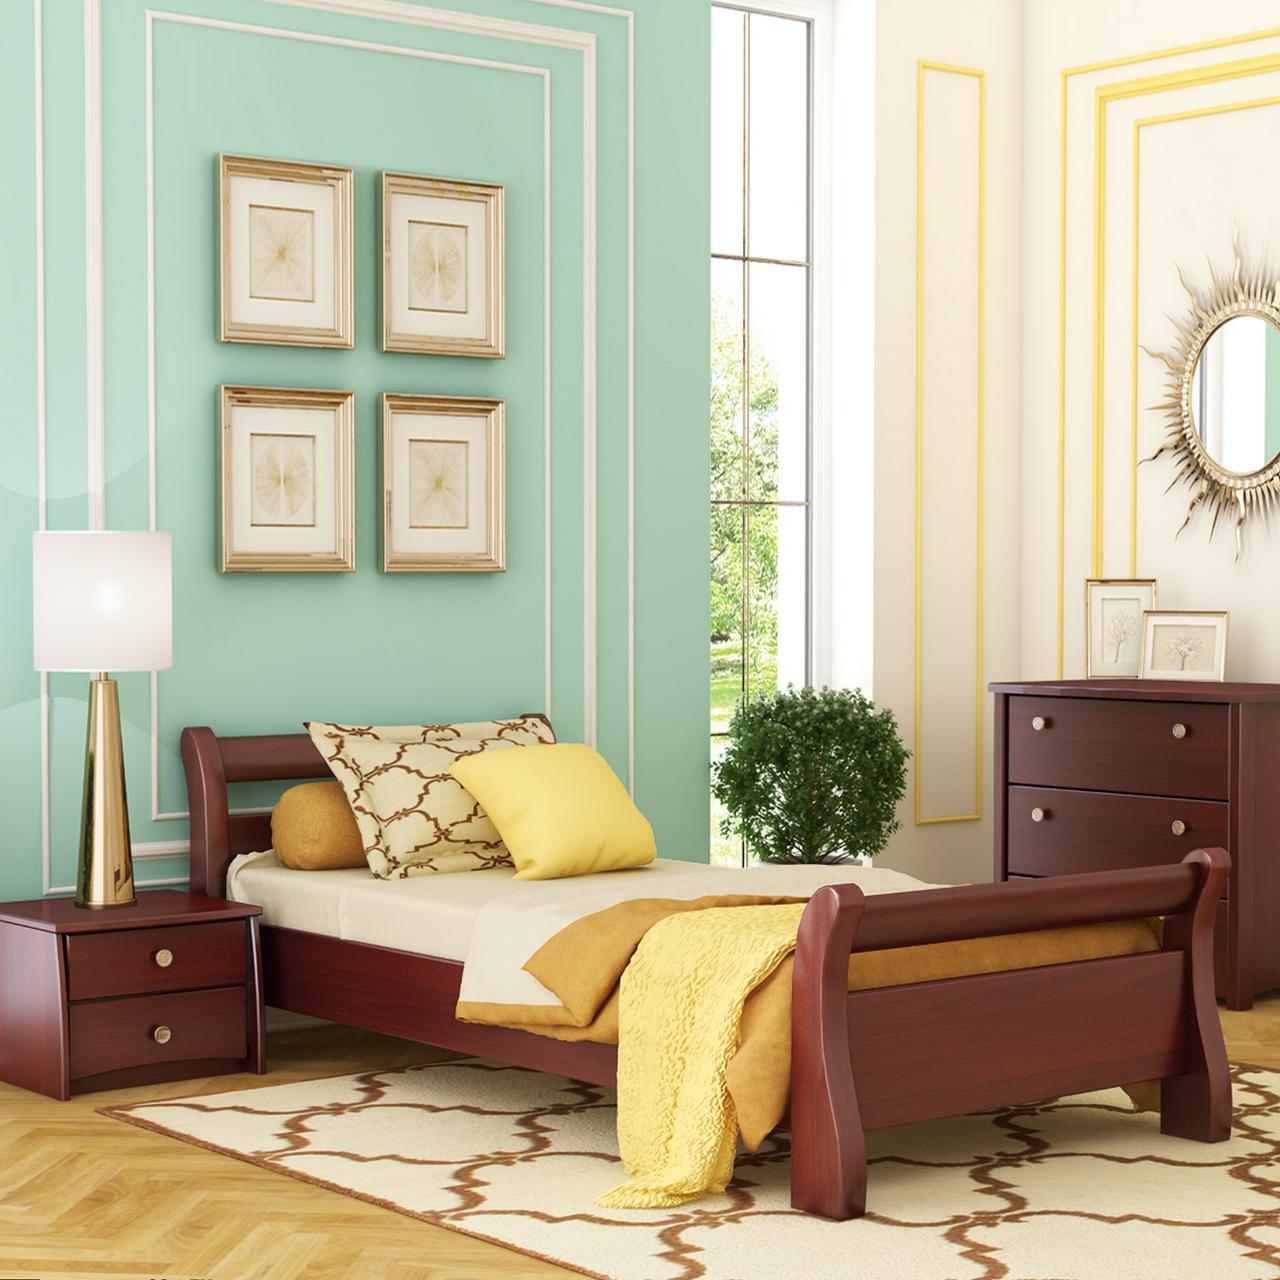 Ліжко дерев'яне односпальне Діана (бук)